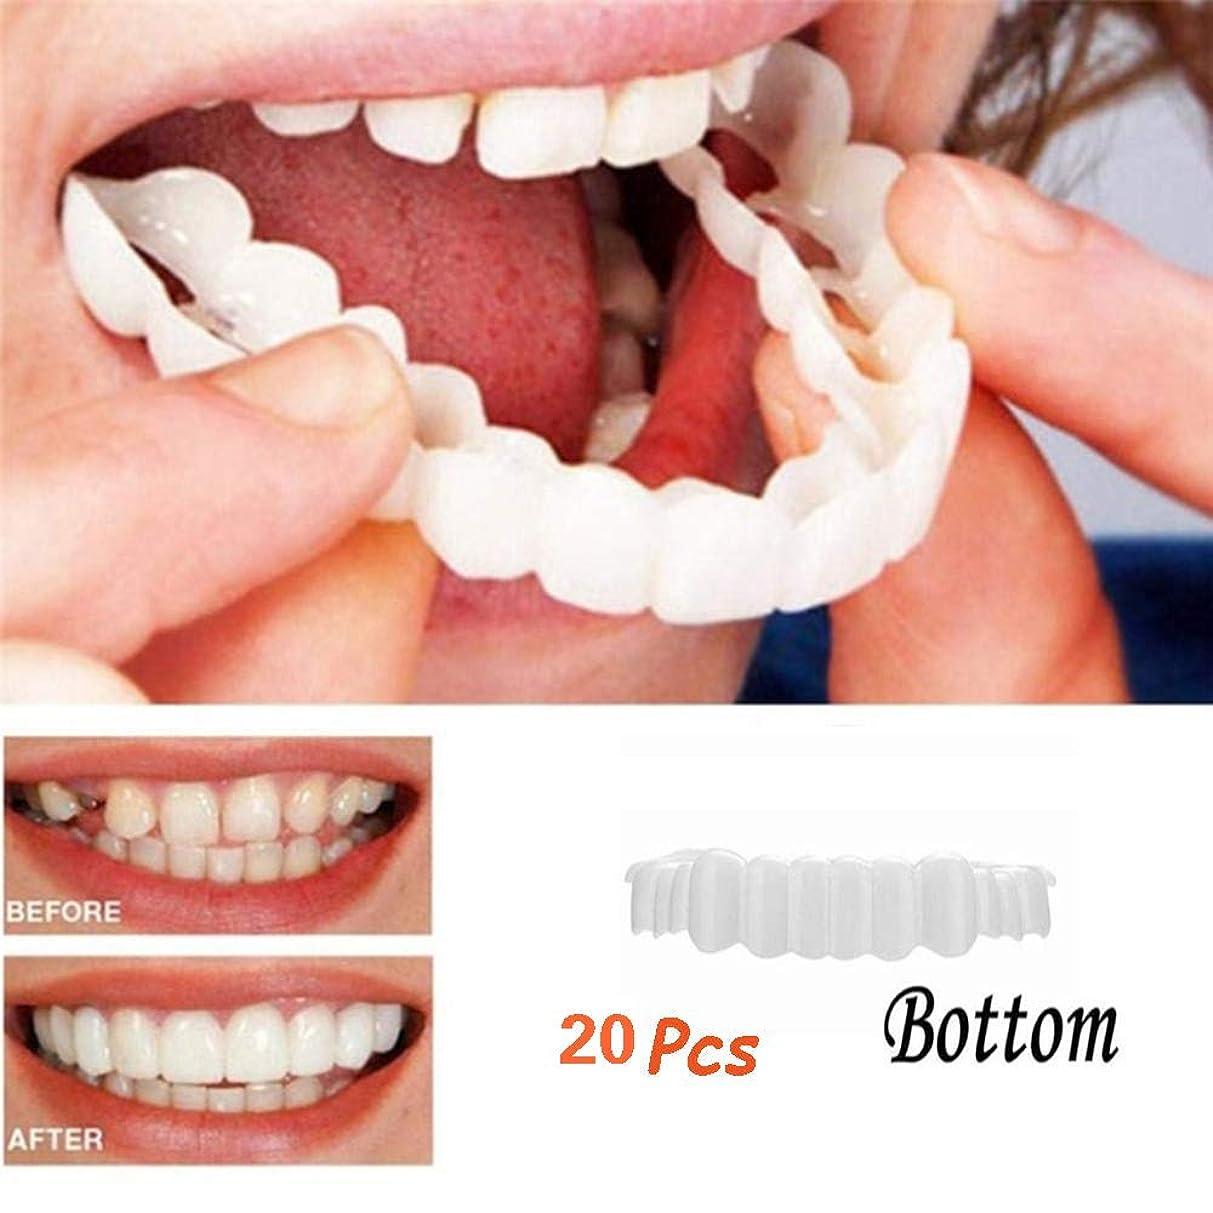 その間みなす義務的20ピースボトム化粧品歯コンフォートフィットフレックス化粧品歯義歯歯低い歯ホワイトニングスナップオンインスタント笑顔サイズフィット